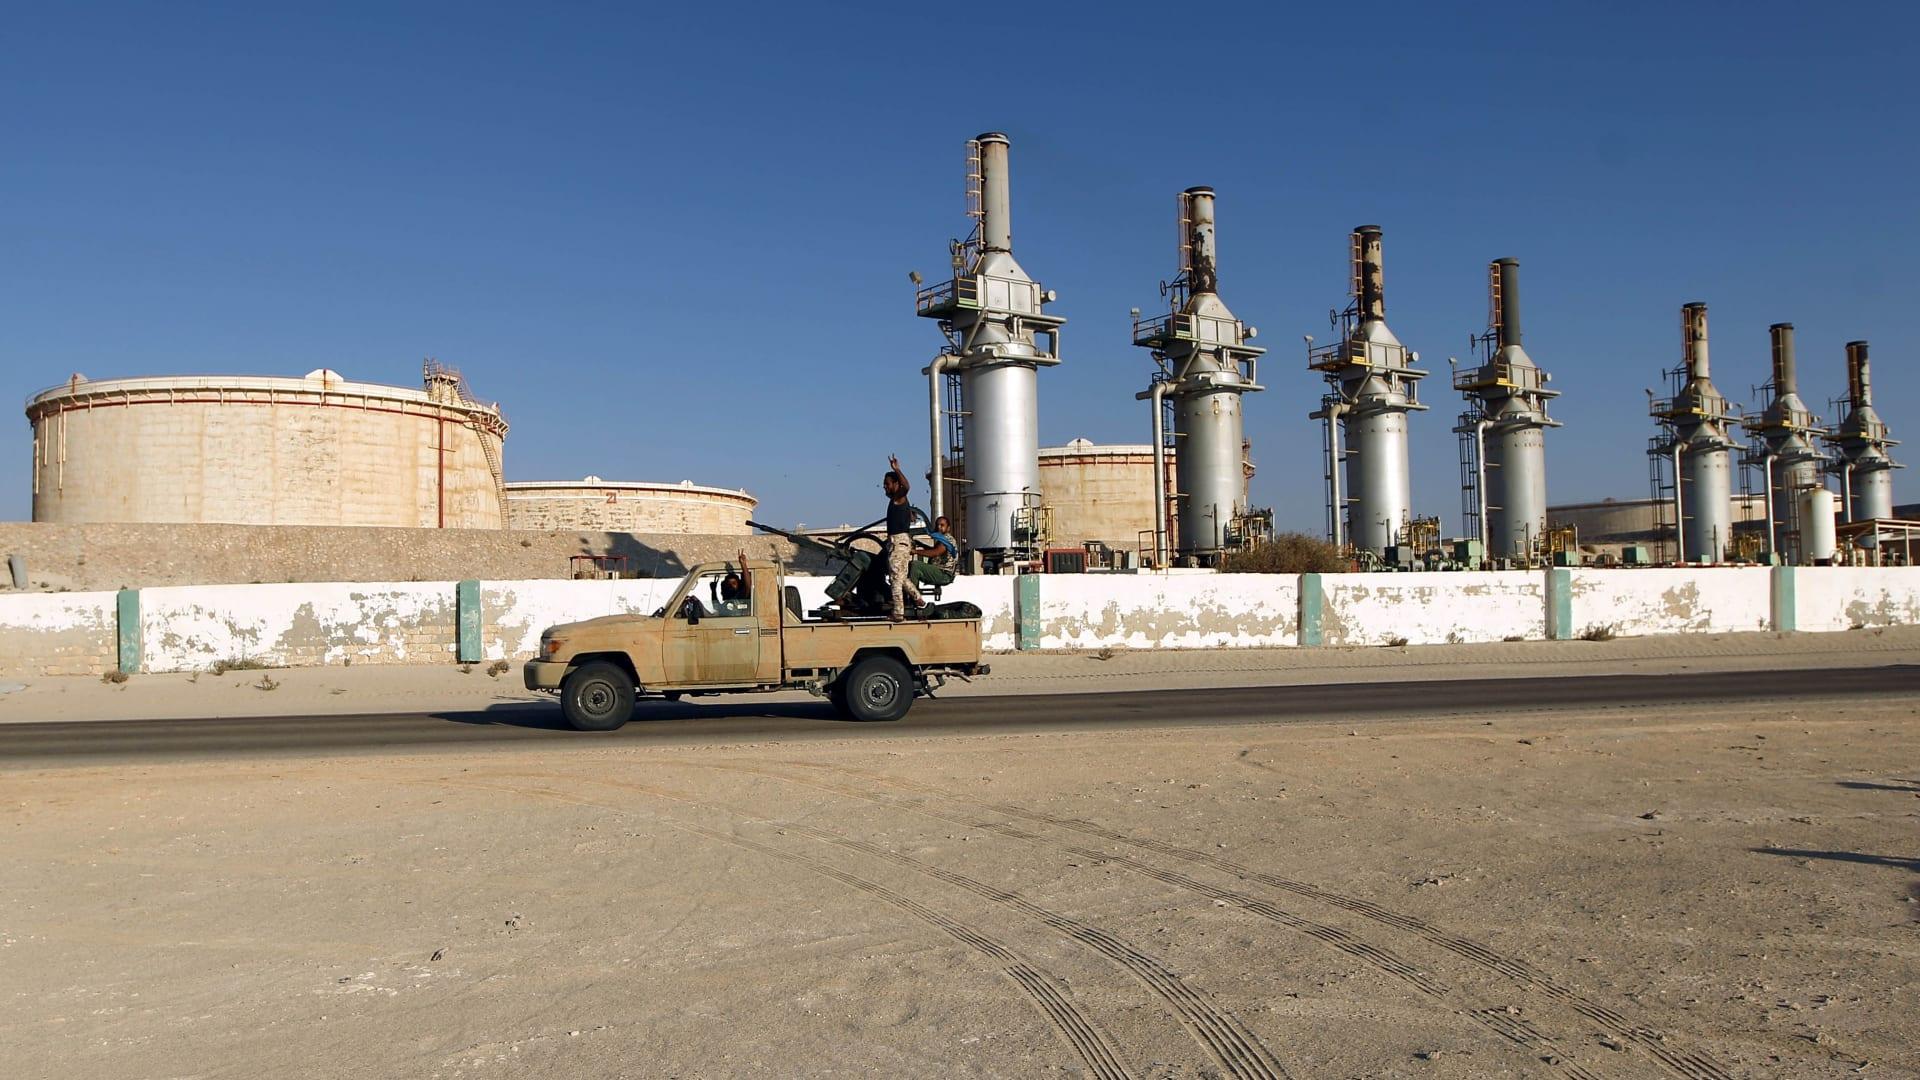 بعد 157 يوماً على إغلاقها.. خسائر موانئ النفط الليبية تقترب من 6 مليار دولار